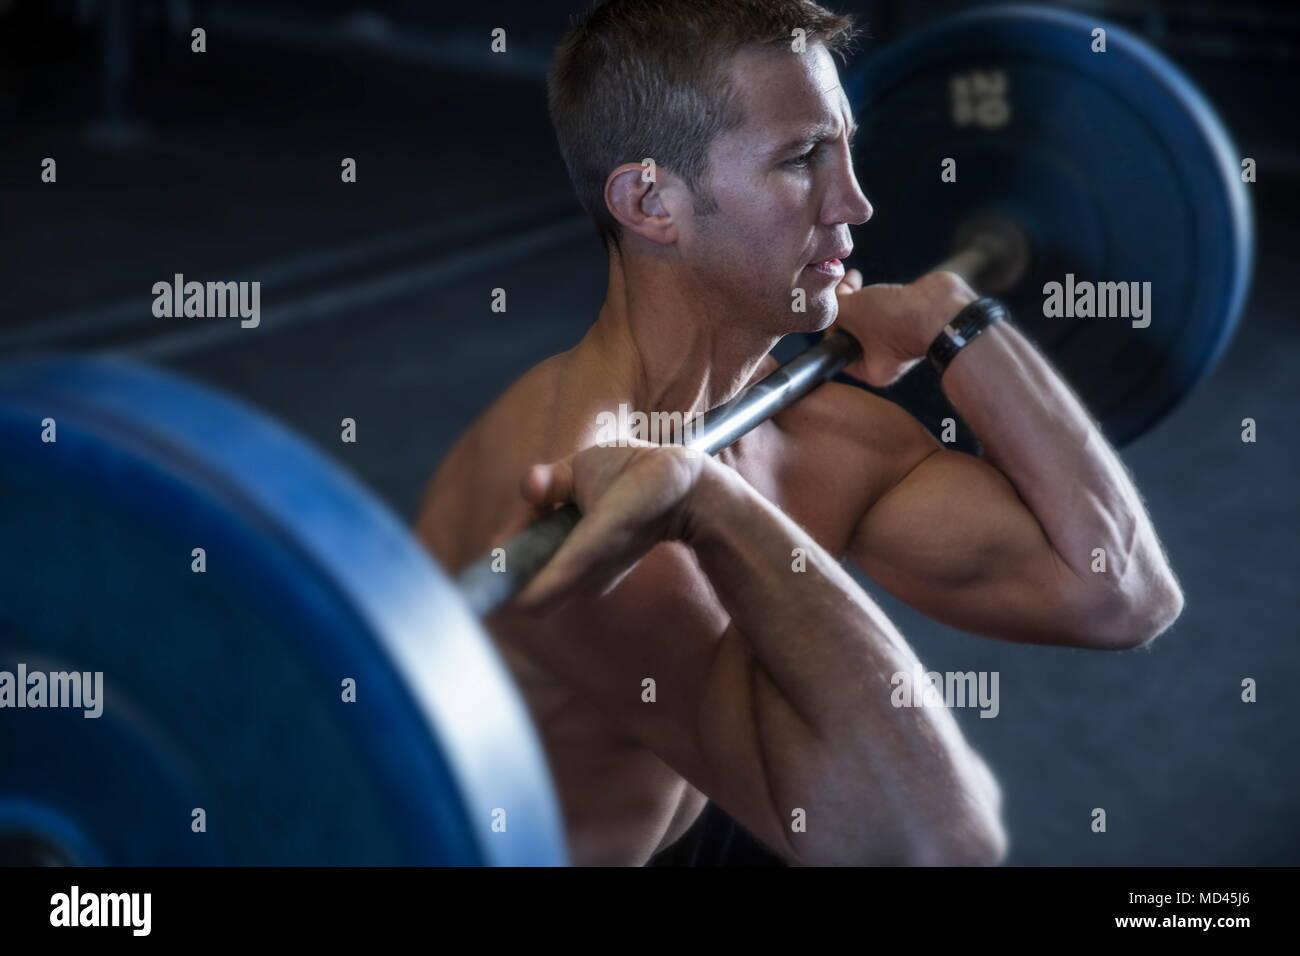 Dans l'exercice de l'homme de sport, à l'aide d'haltères longs avant, position accroupie Photo Stock